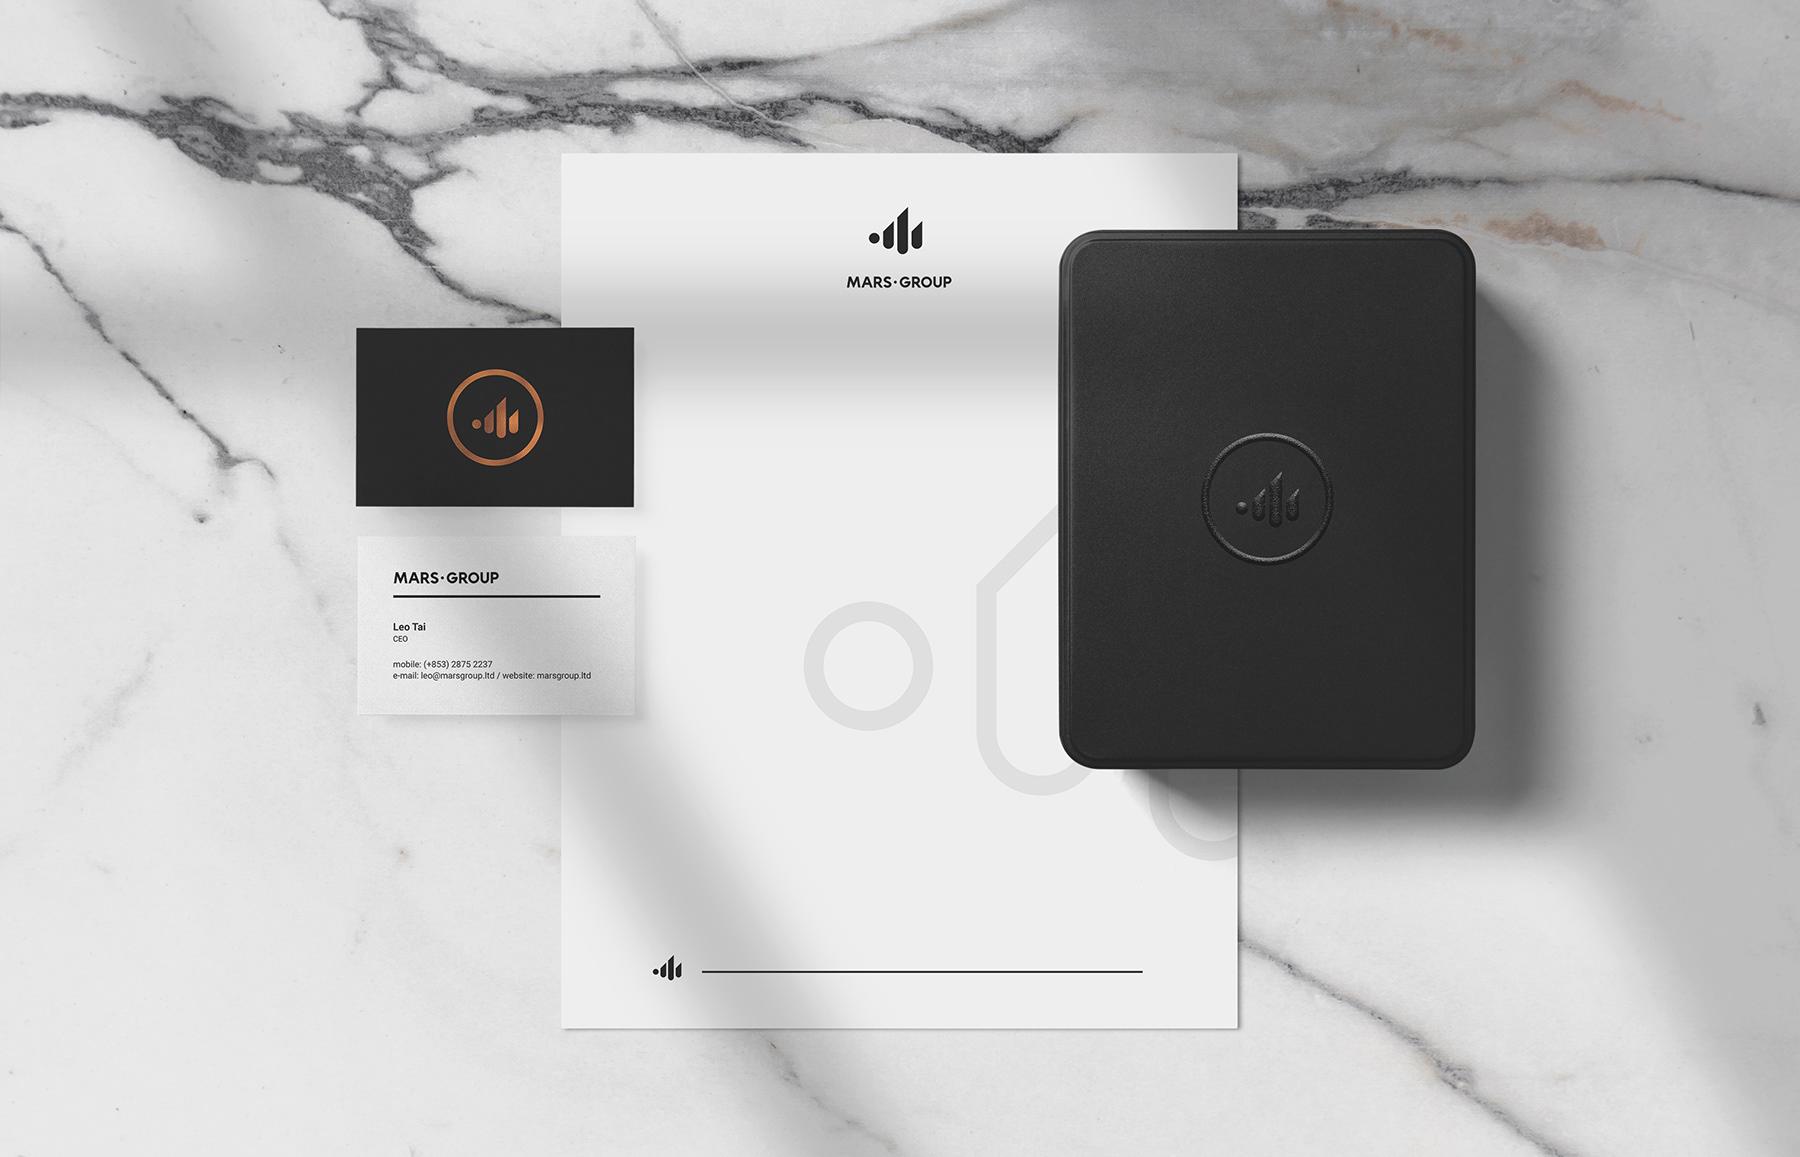 火星集团有限公司 – BIM解决方案品牌 Mars Group LTD. – BIM solutions Branding插图(1)